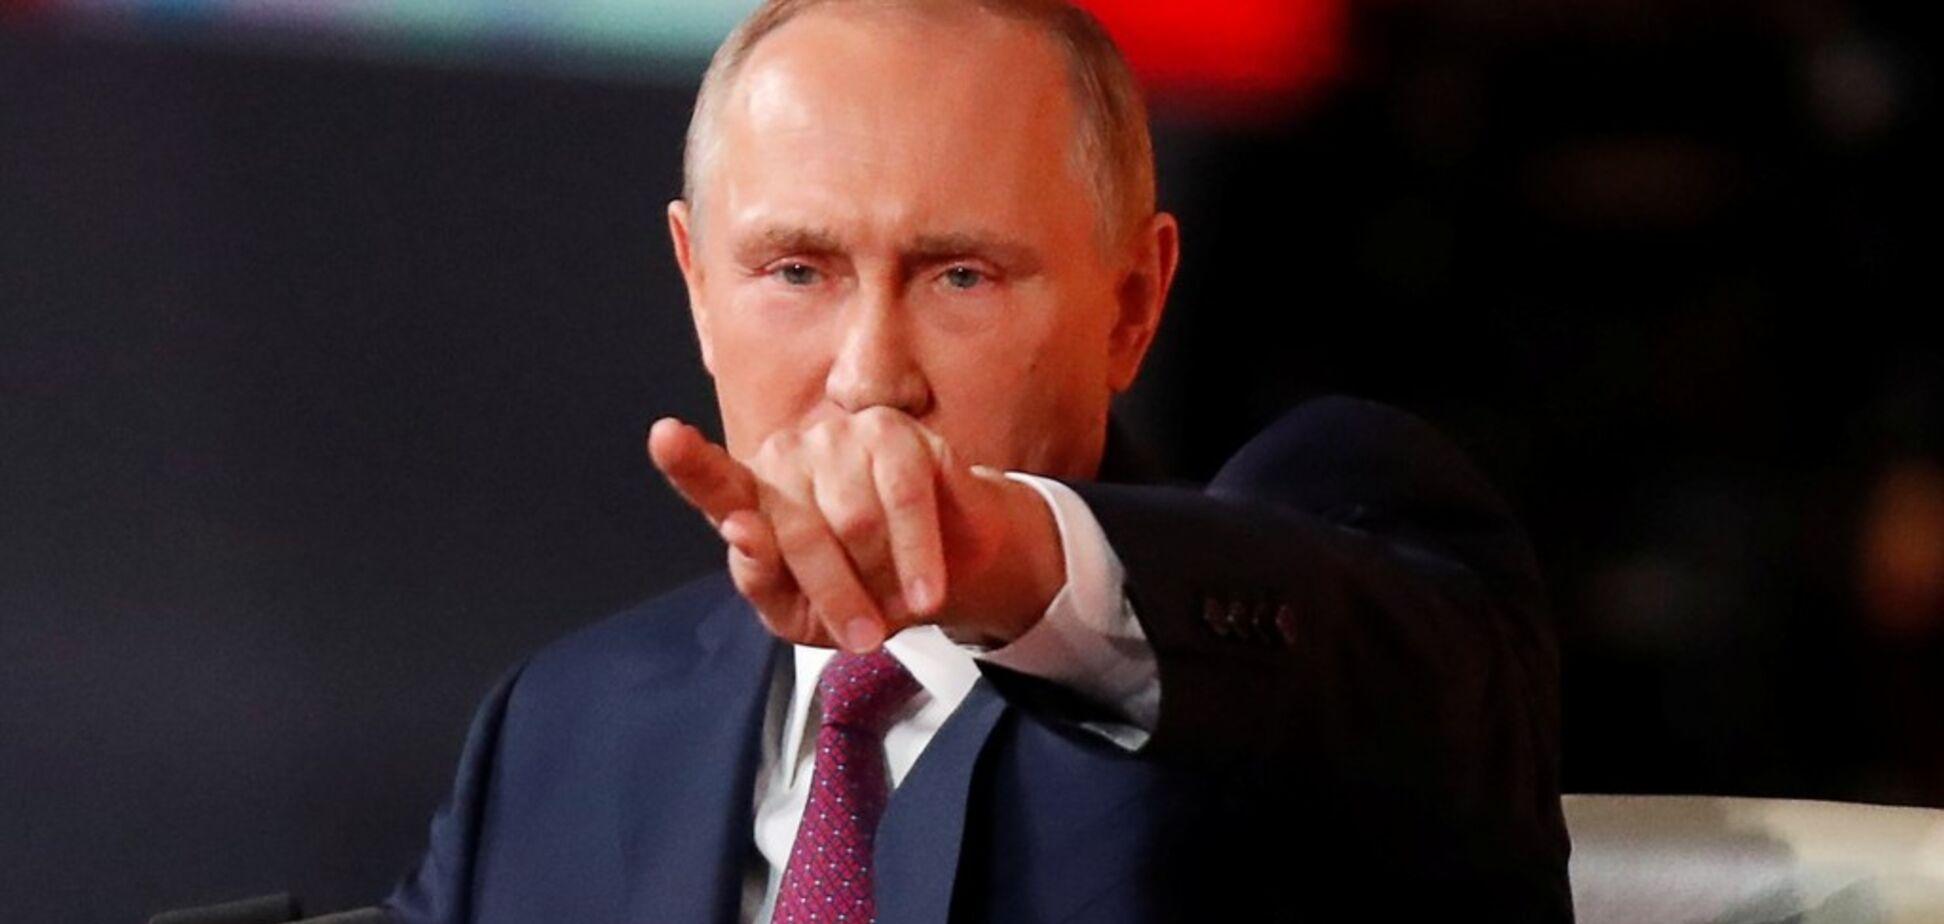 ''Он не готов отправлять в рай'': эксперт сделал прогноз по ядерной войне Путина